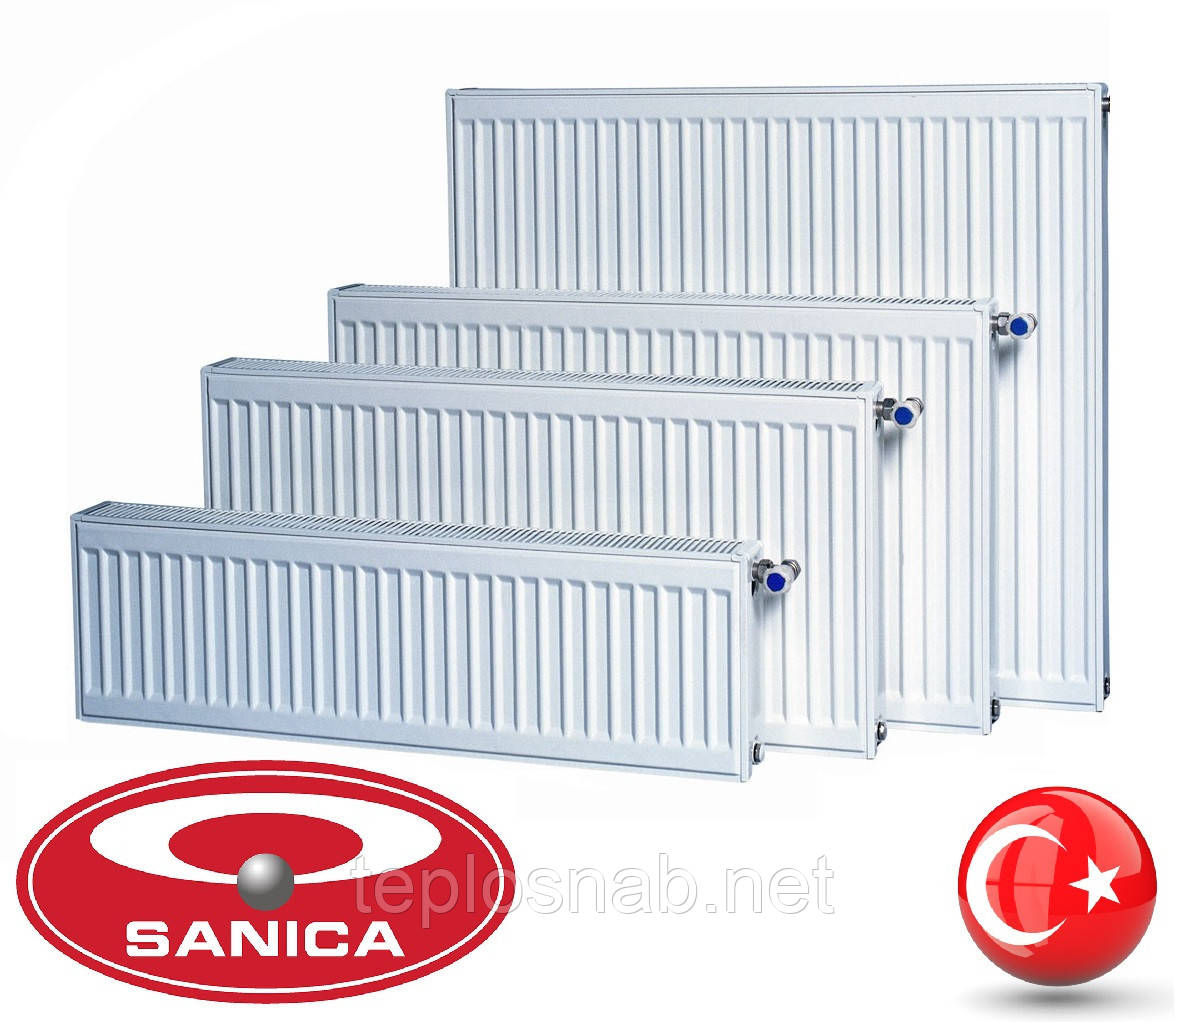 Стальной радиатор Sanica 22 тип (500 х 1400 мм) / 2701 Вт